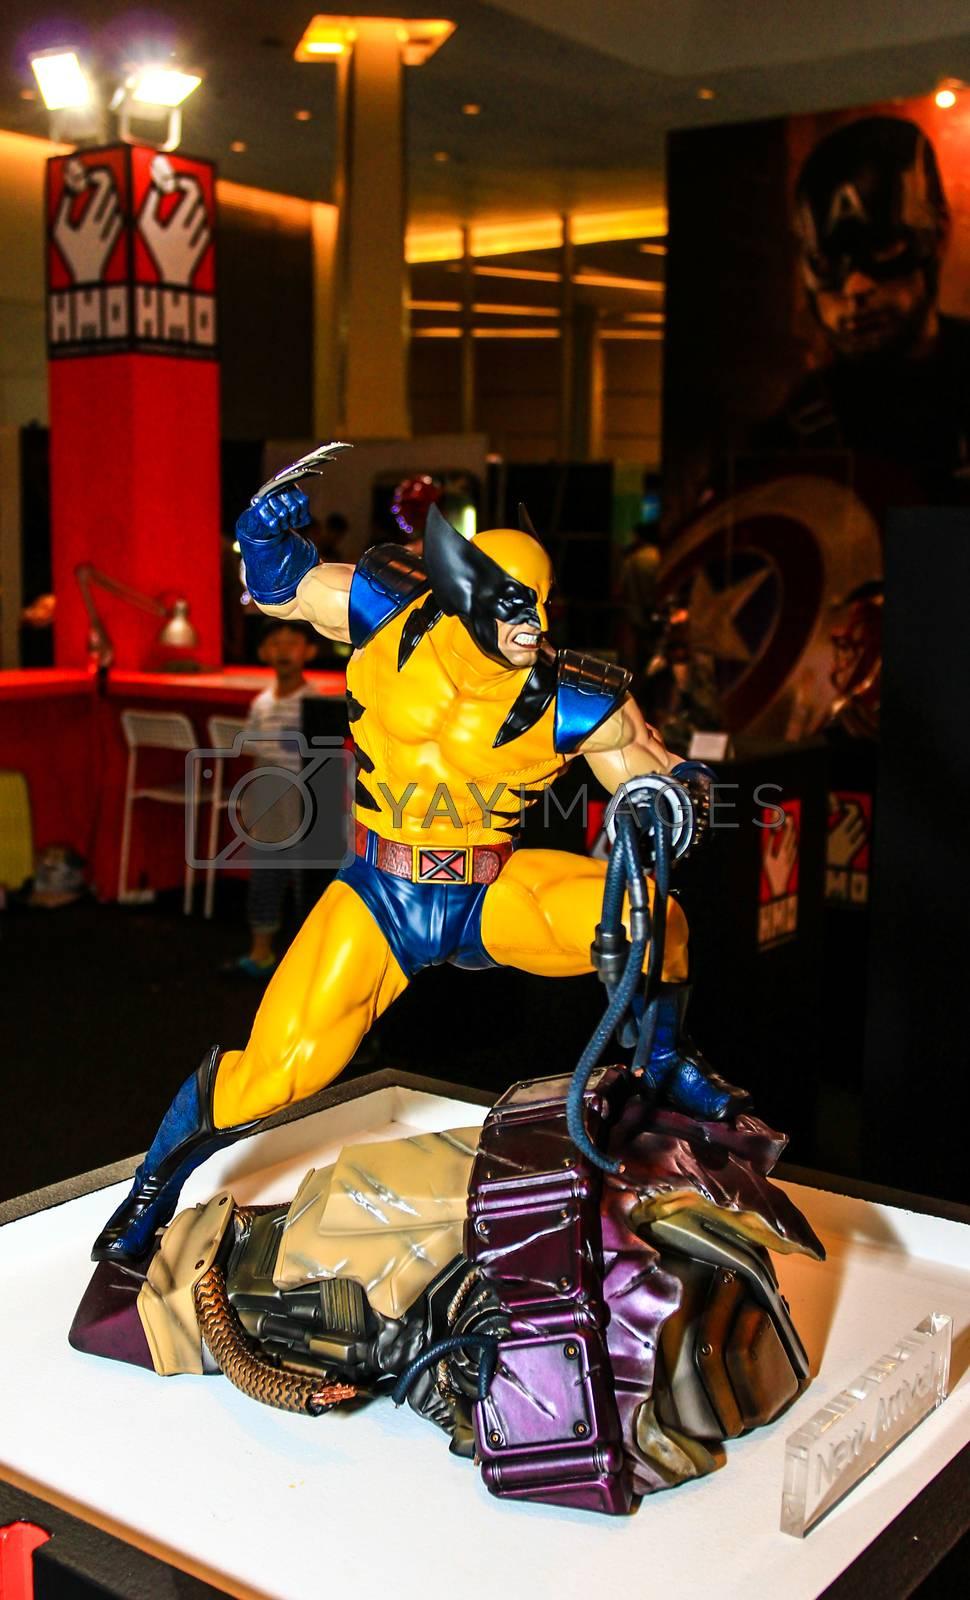 Bangkok - May 2: A Wolverine model in Thailand Comic Con 2015 on May 2, 2015 at Siam Paragon, Bangkok, Thailand.